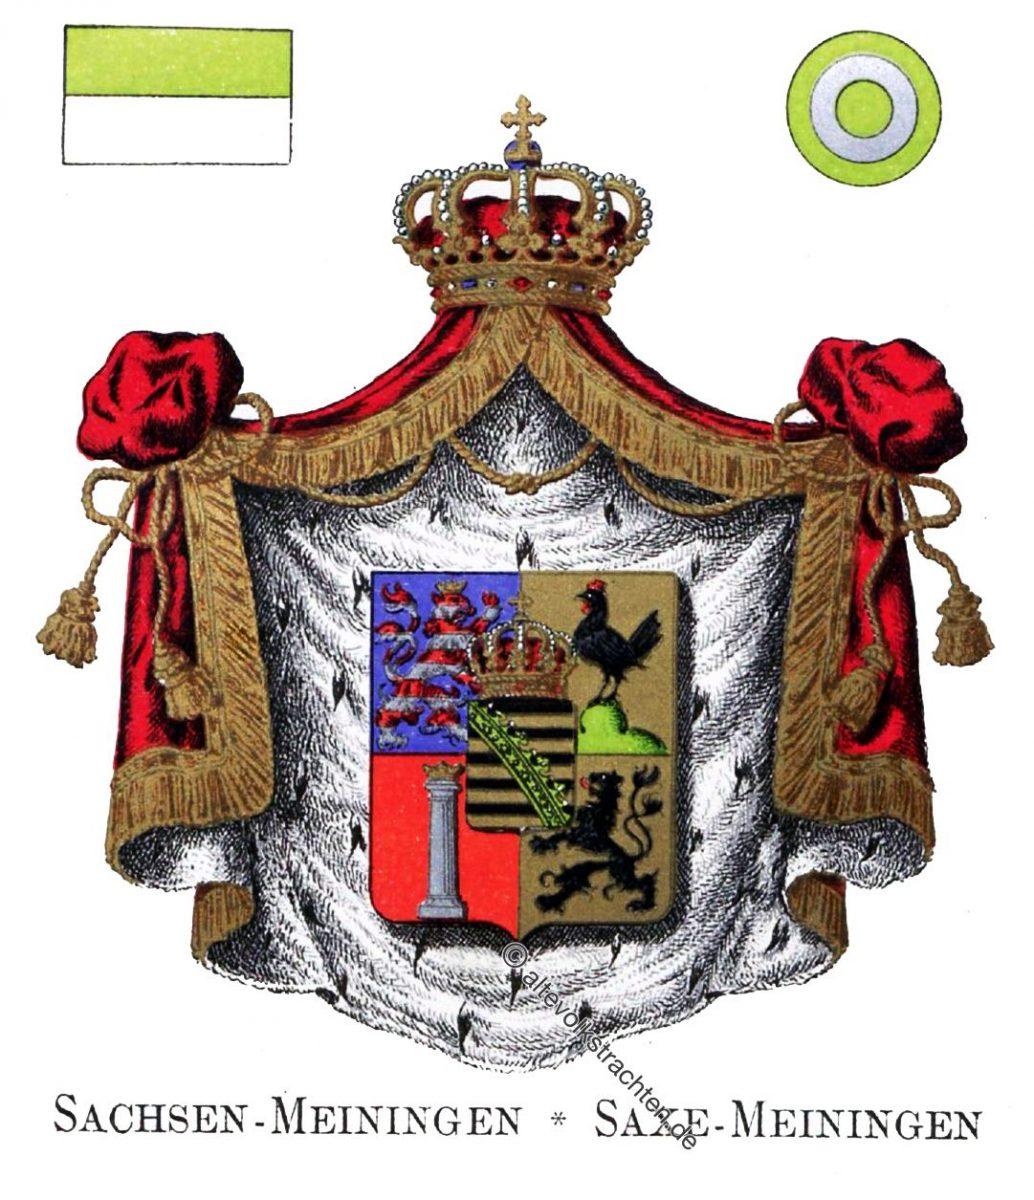 Sachsen-Meiningen, Staatswappen, Wappen, Heraldik, Deutschland, Landesflaggen, Kokarden,